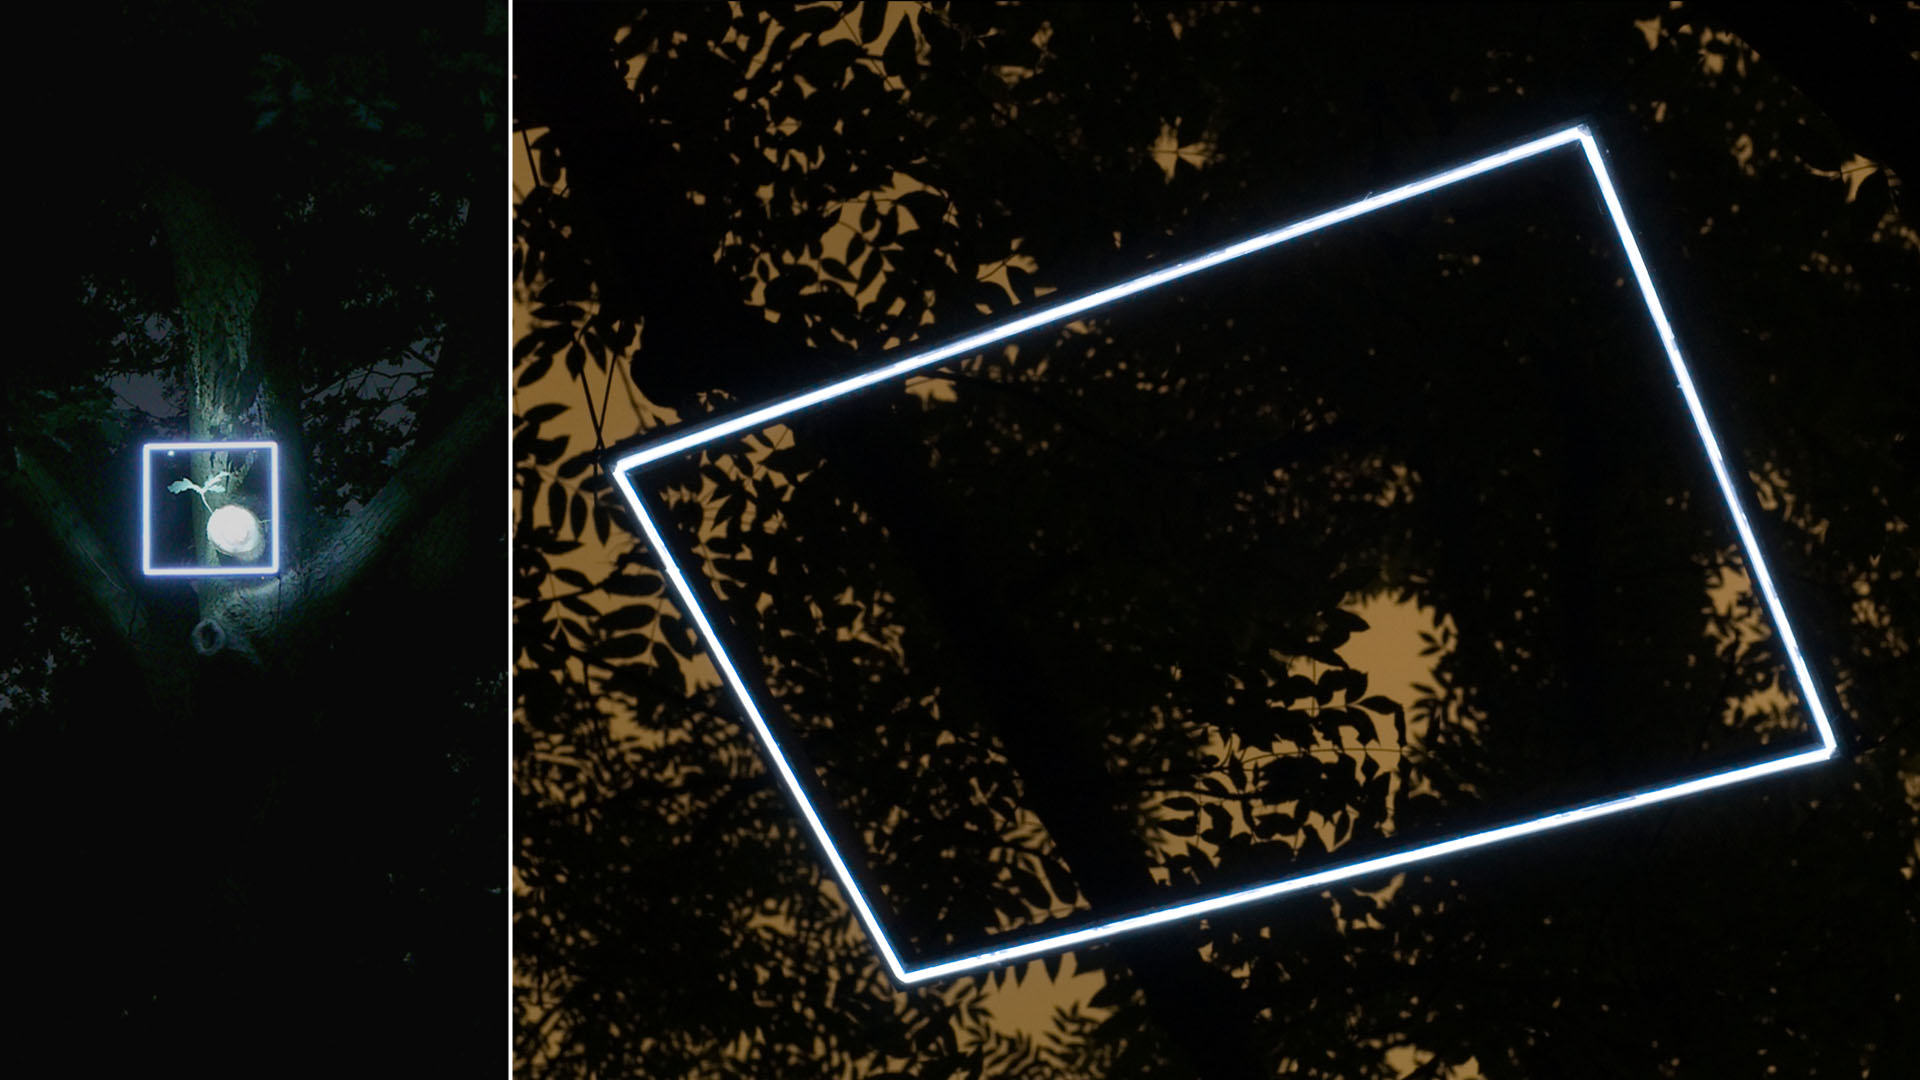 MAASS-Lichtplanung_Lichtkunst<br> Wanderausstellung__MAASS-Gallery-Without-Images-006